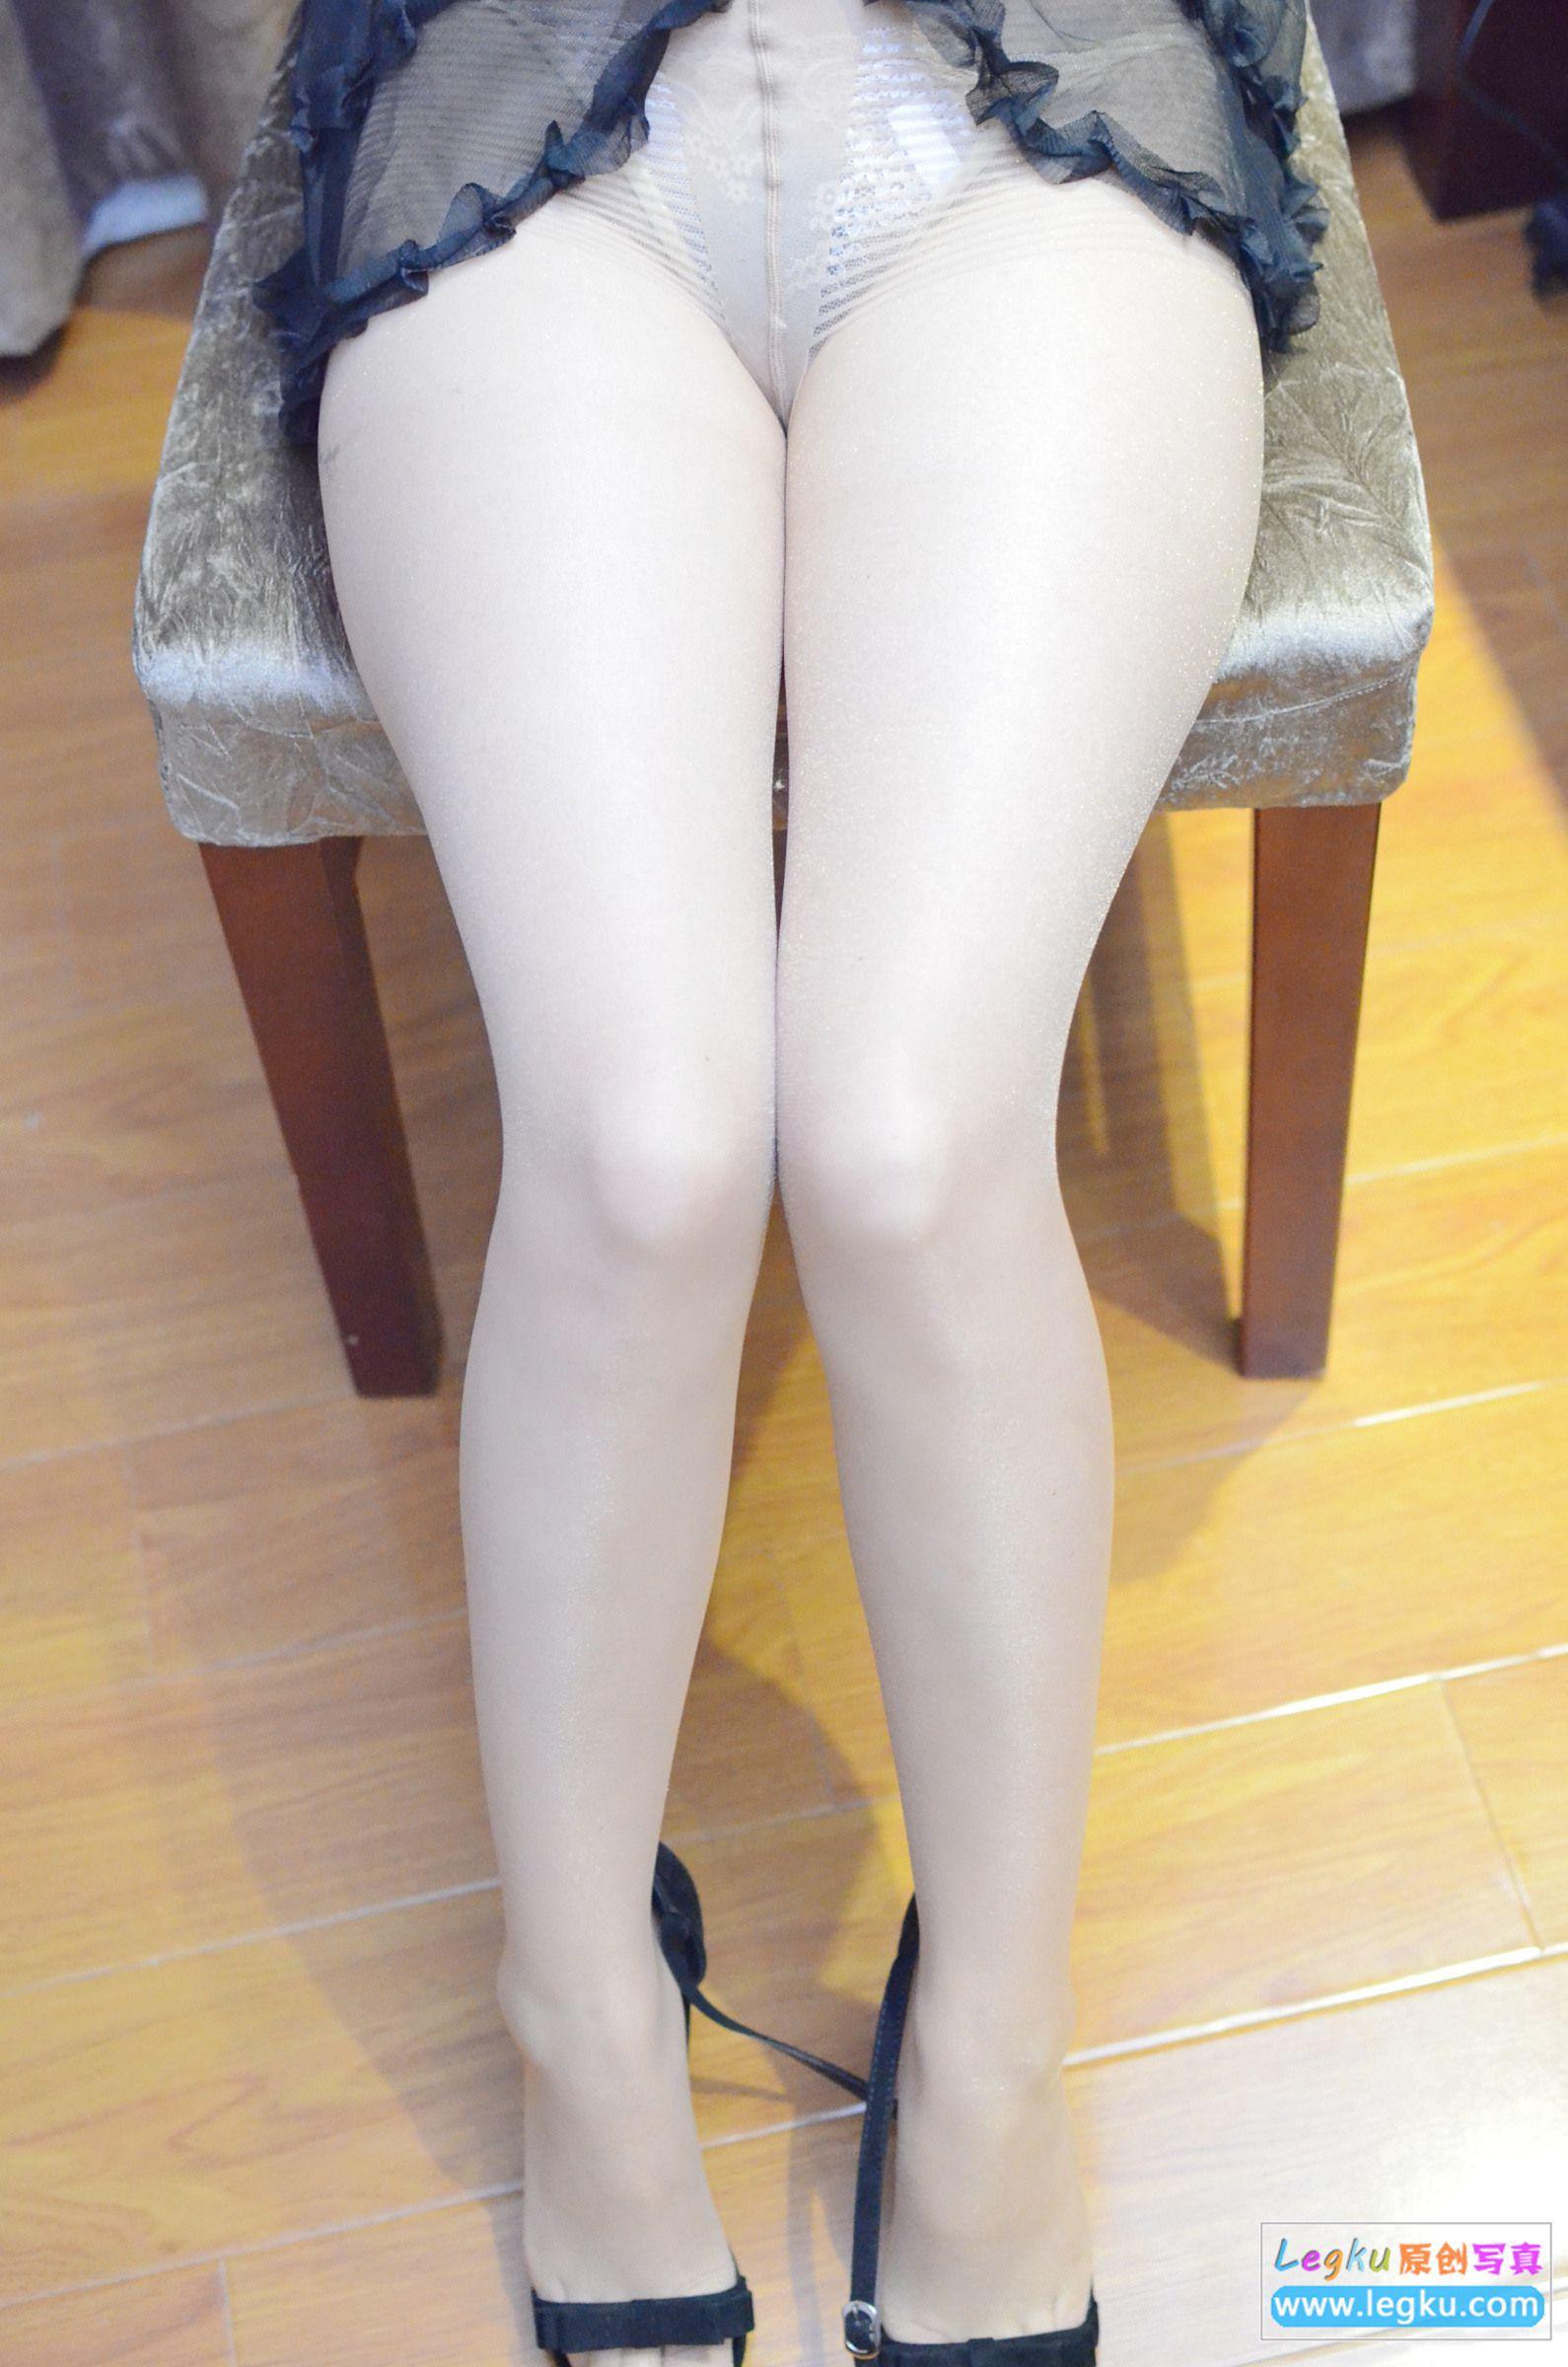 肉丝袜高跟美脚 写真套图